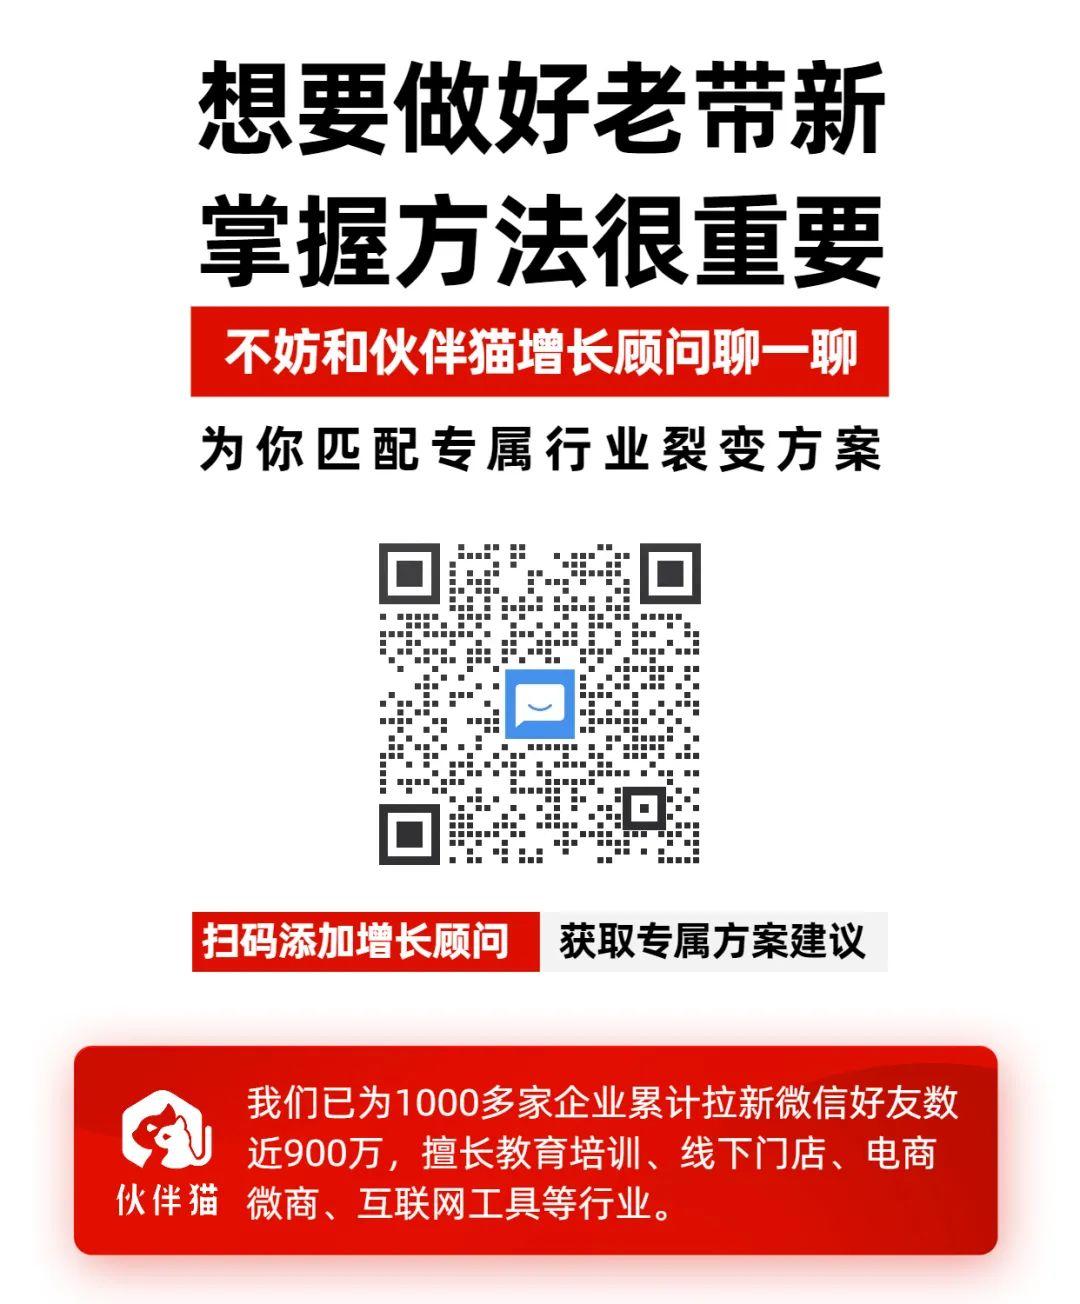 【案例拆解】一场线下活动,如何快速增长上万微信好友?(上)